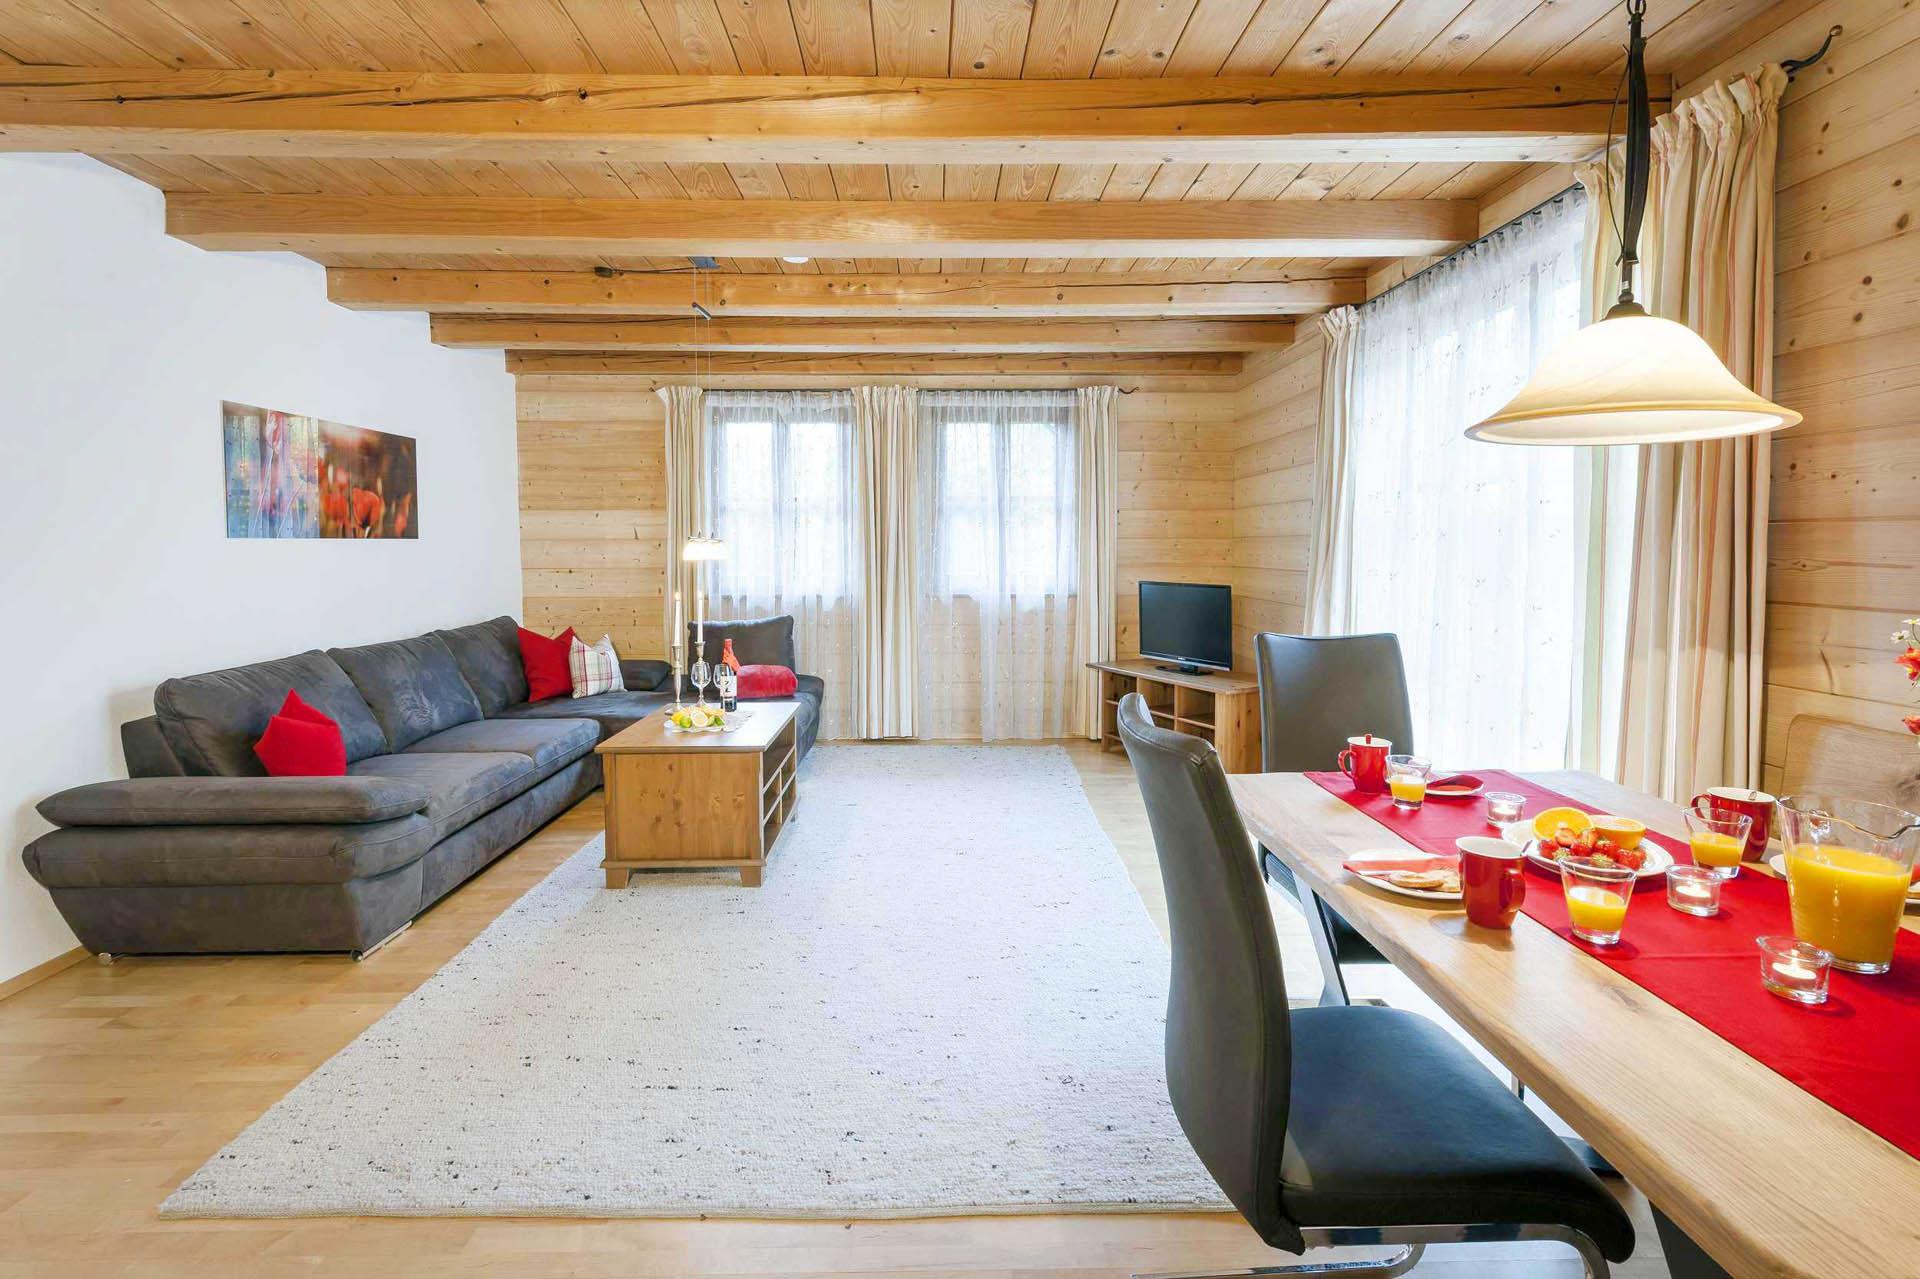 Wohnraum, Ferienwohnung Mohnblume, Huberhof Ollerding